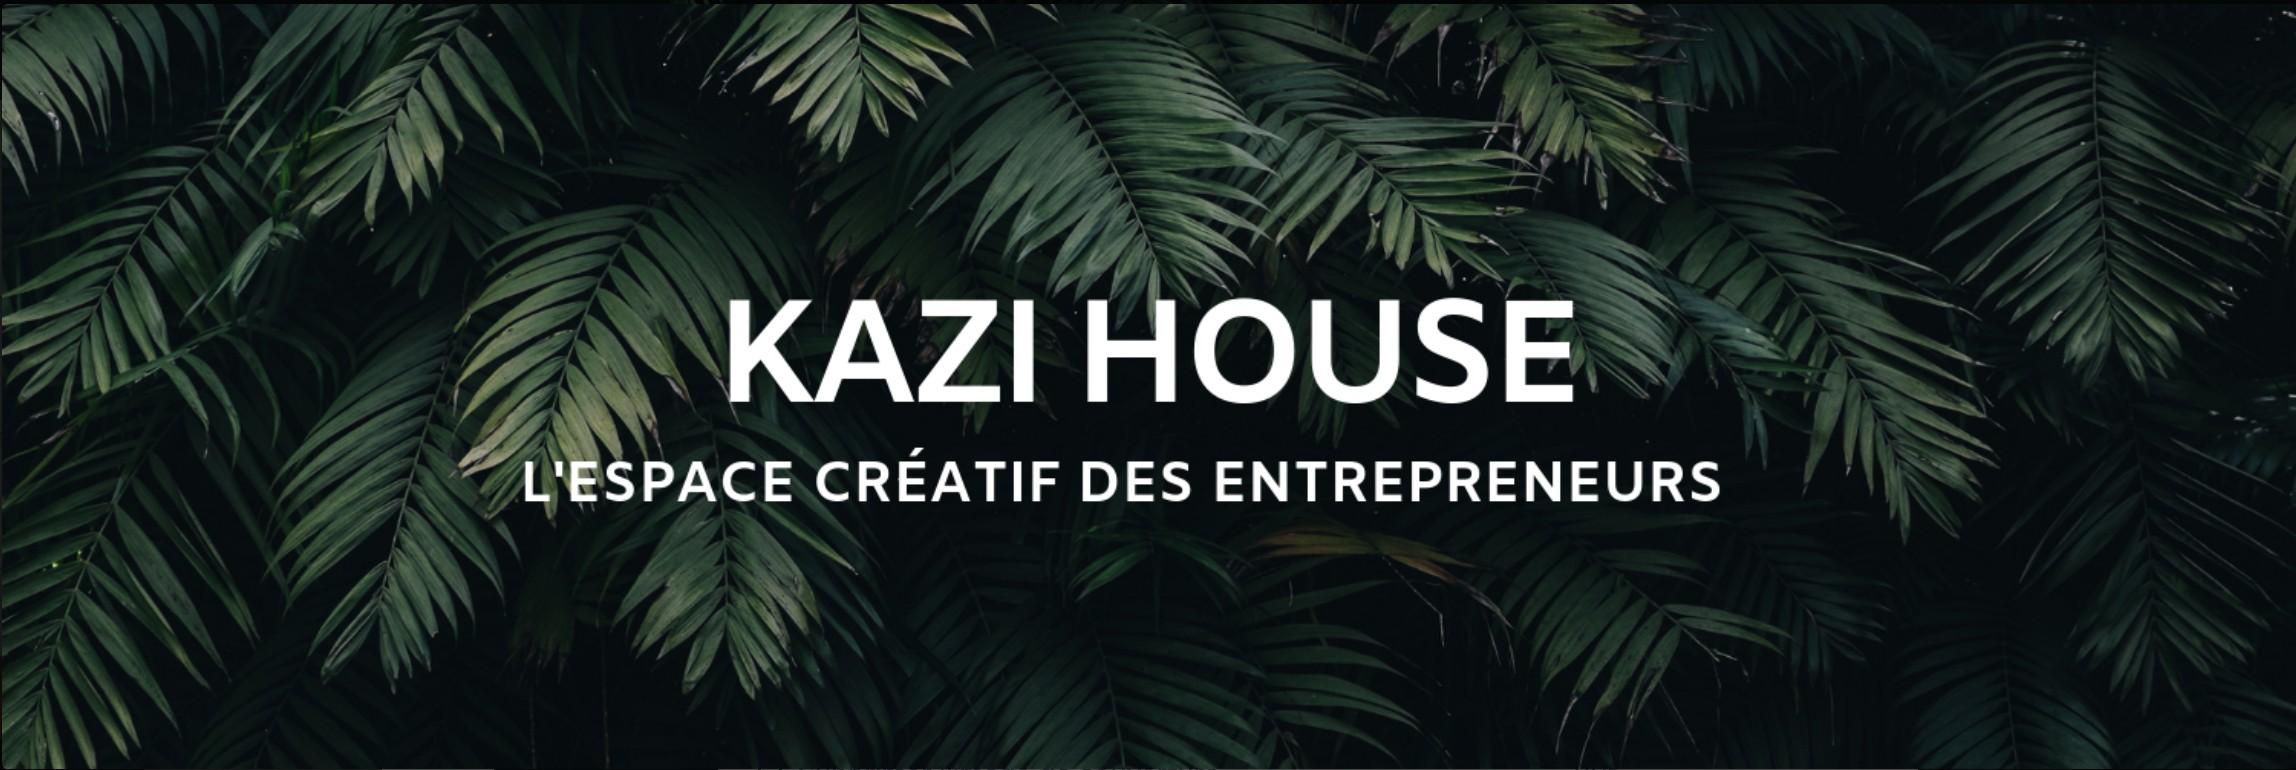 Sétanal Podcast #1 | Entreprendre | Le rêve de Falone Shimba devient réalité avec Kazihouse %count(alt)